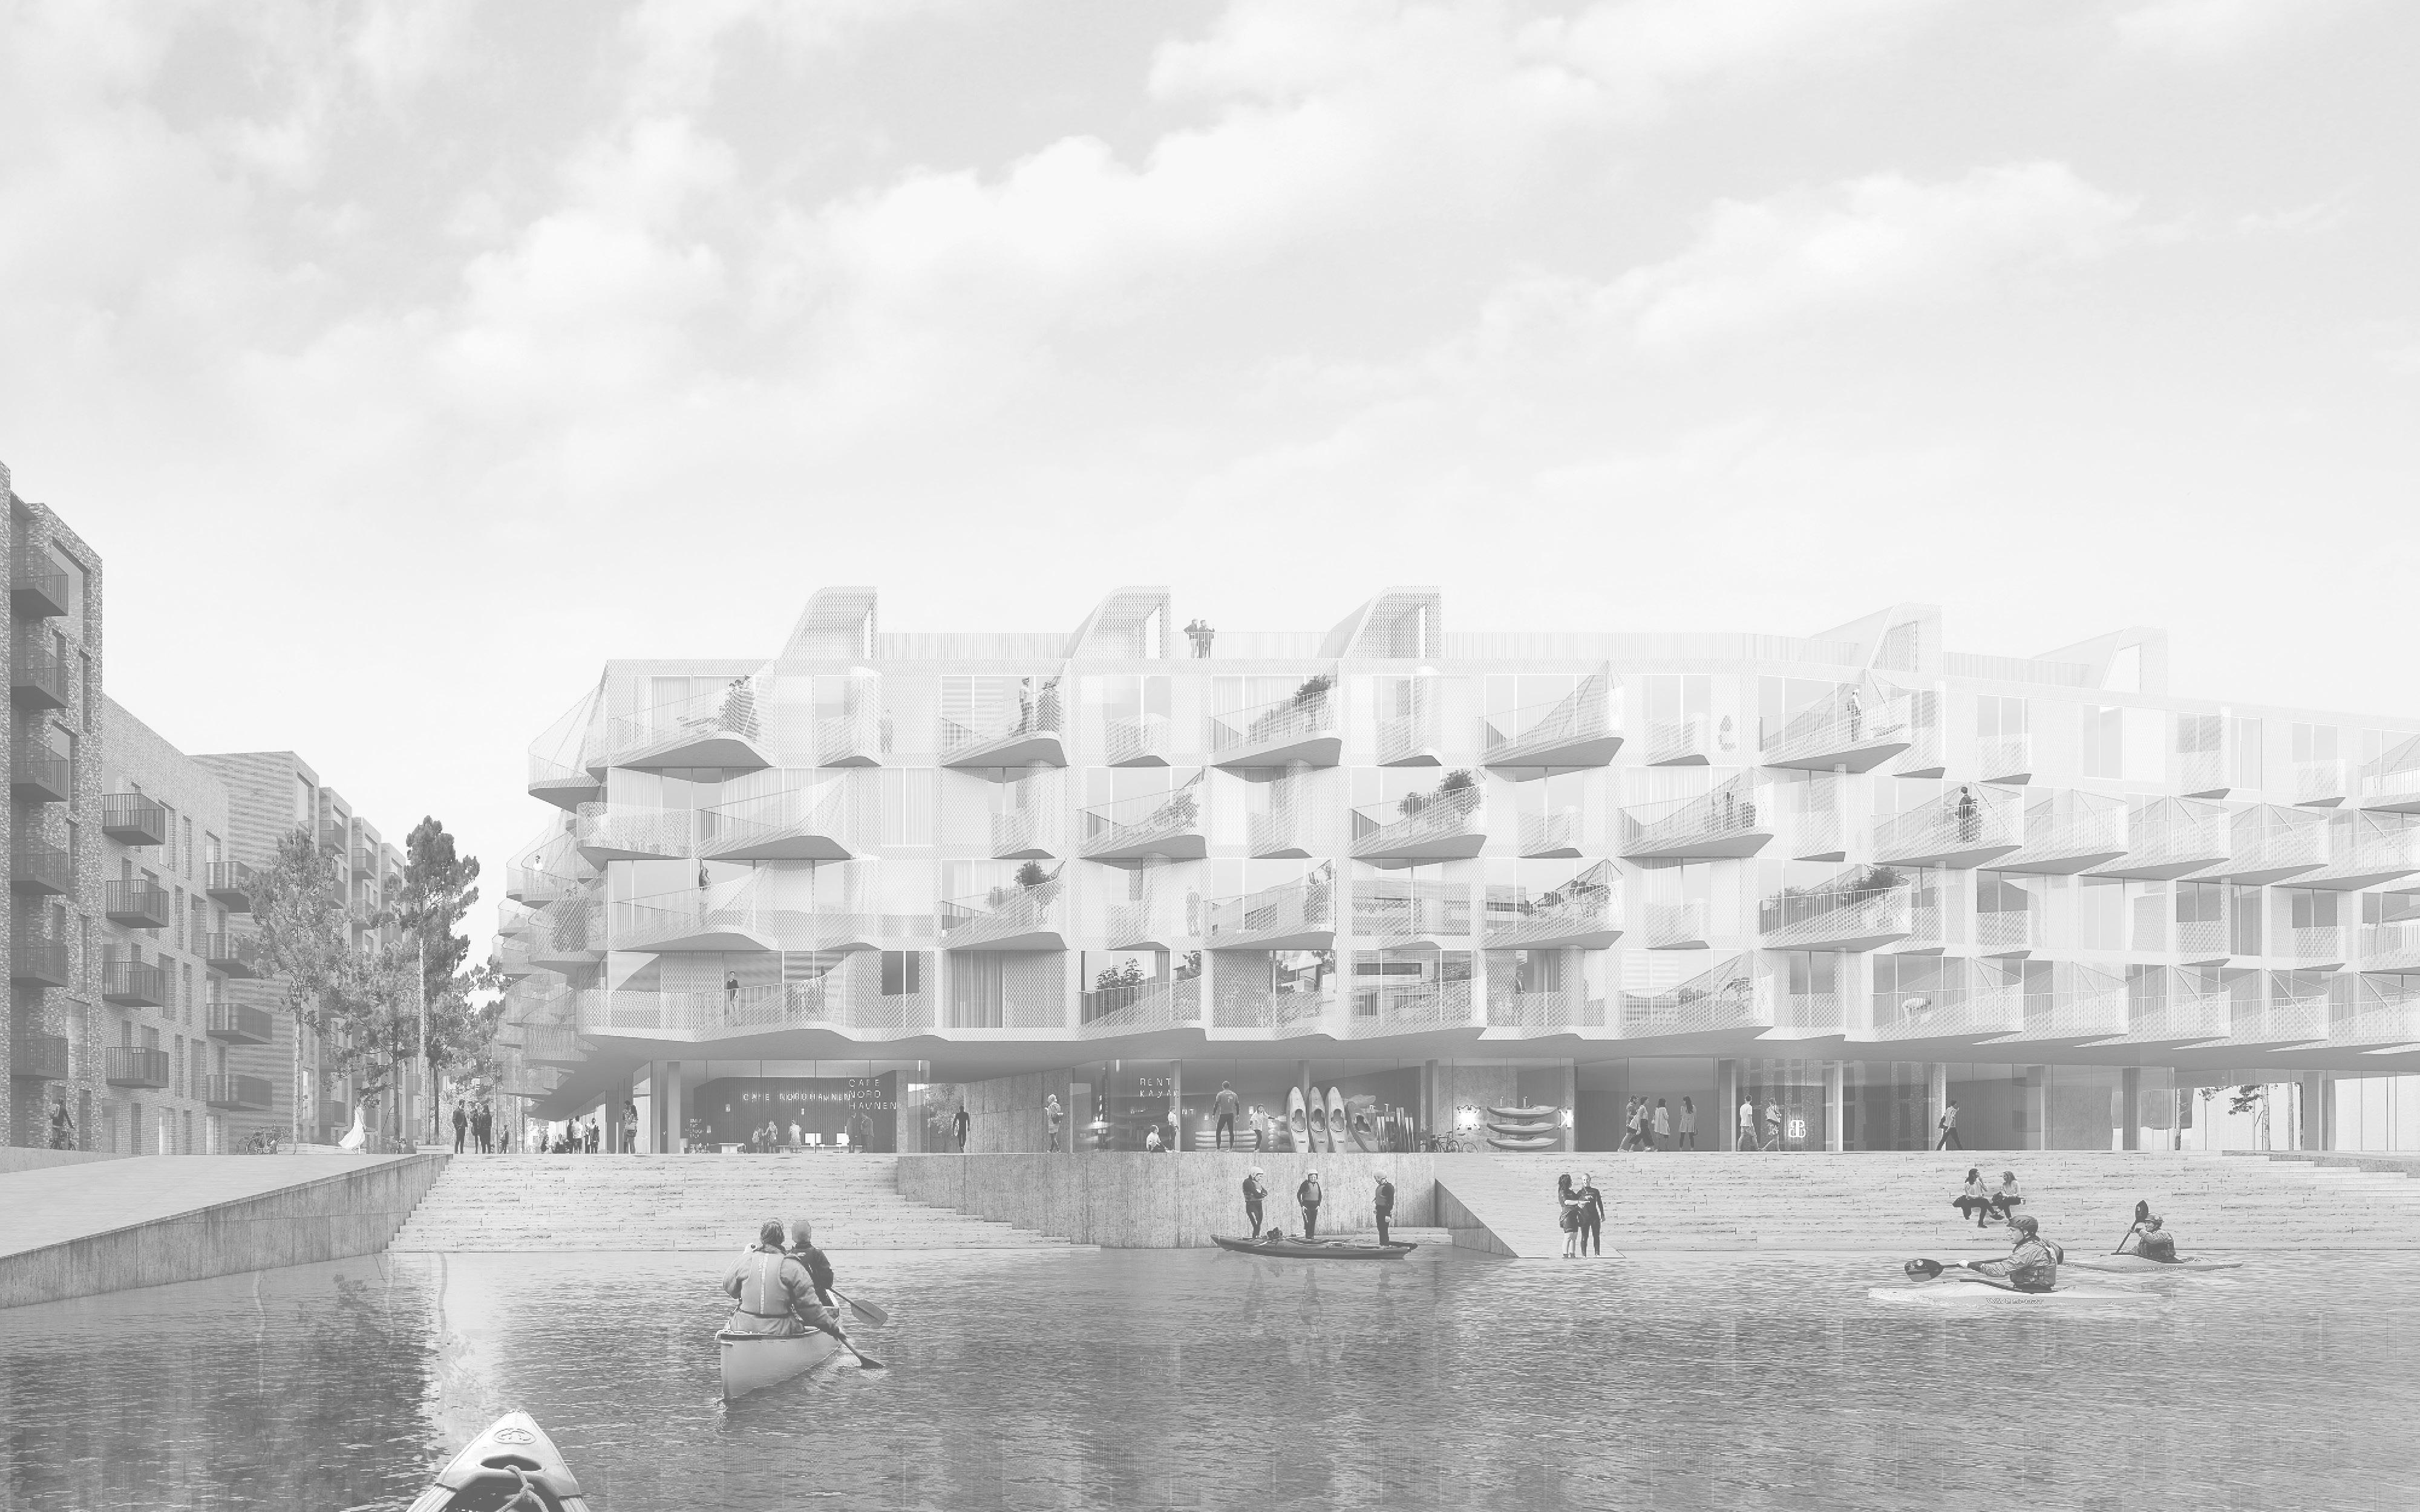 Skyen_boliger i NordhavnBG